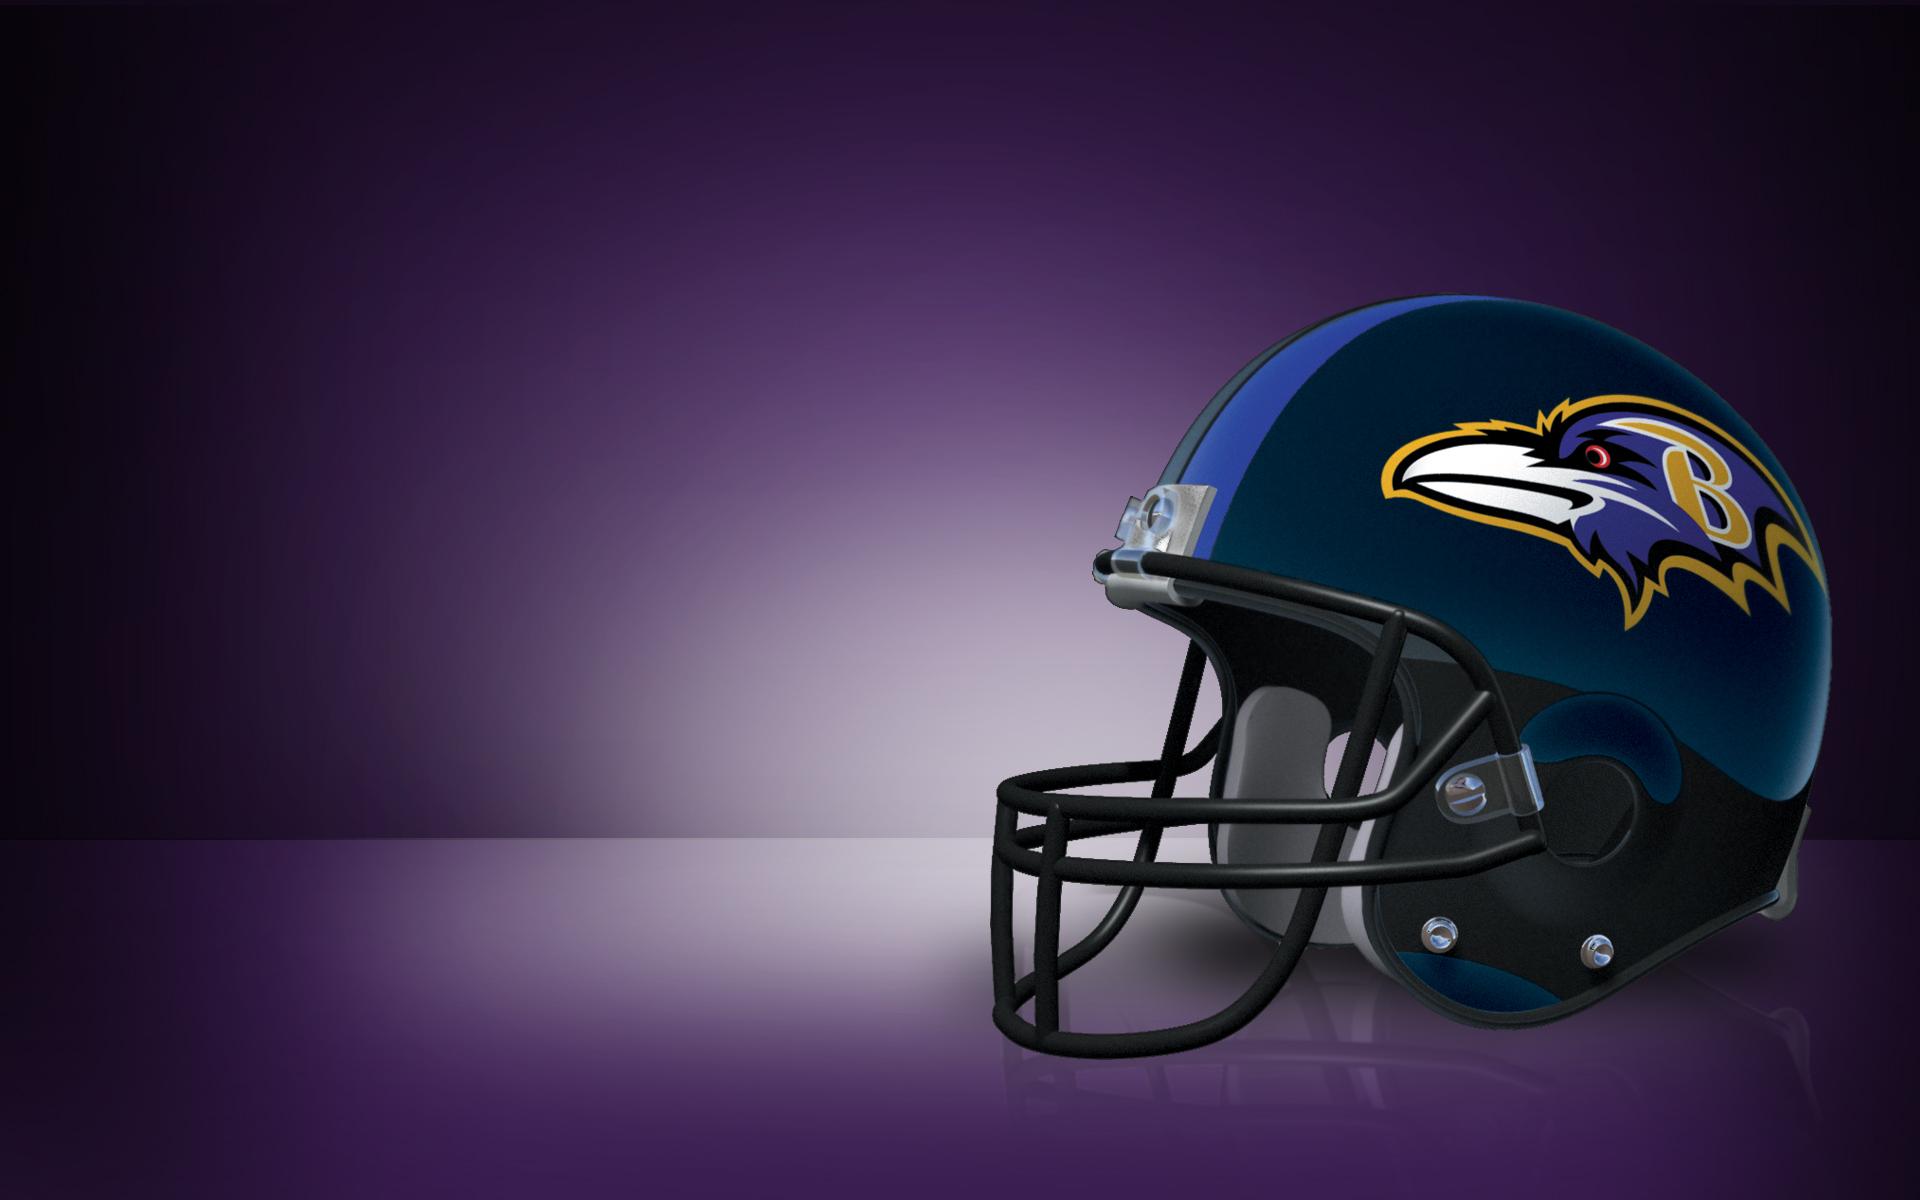 ravens baltimore wallpaper helmet sizes 1920x1200